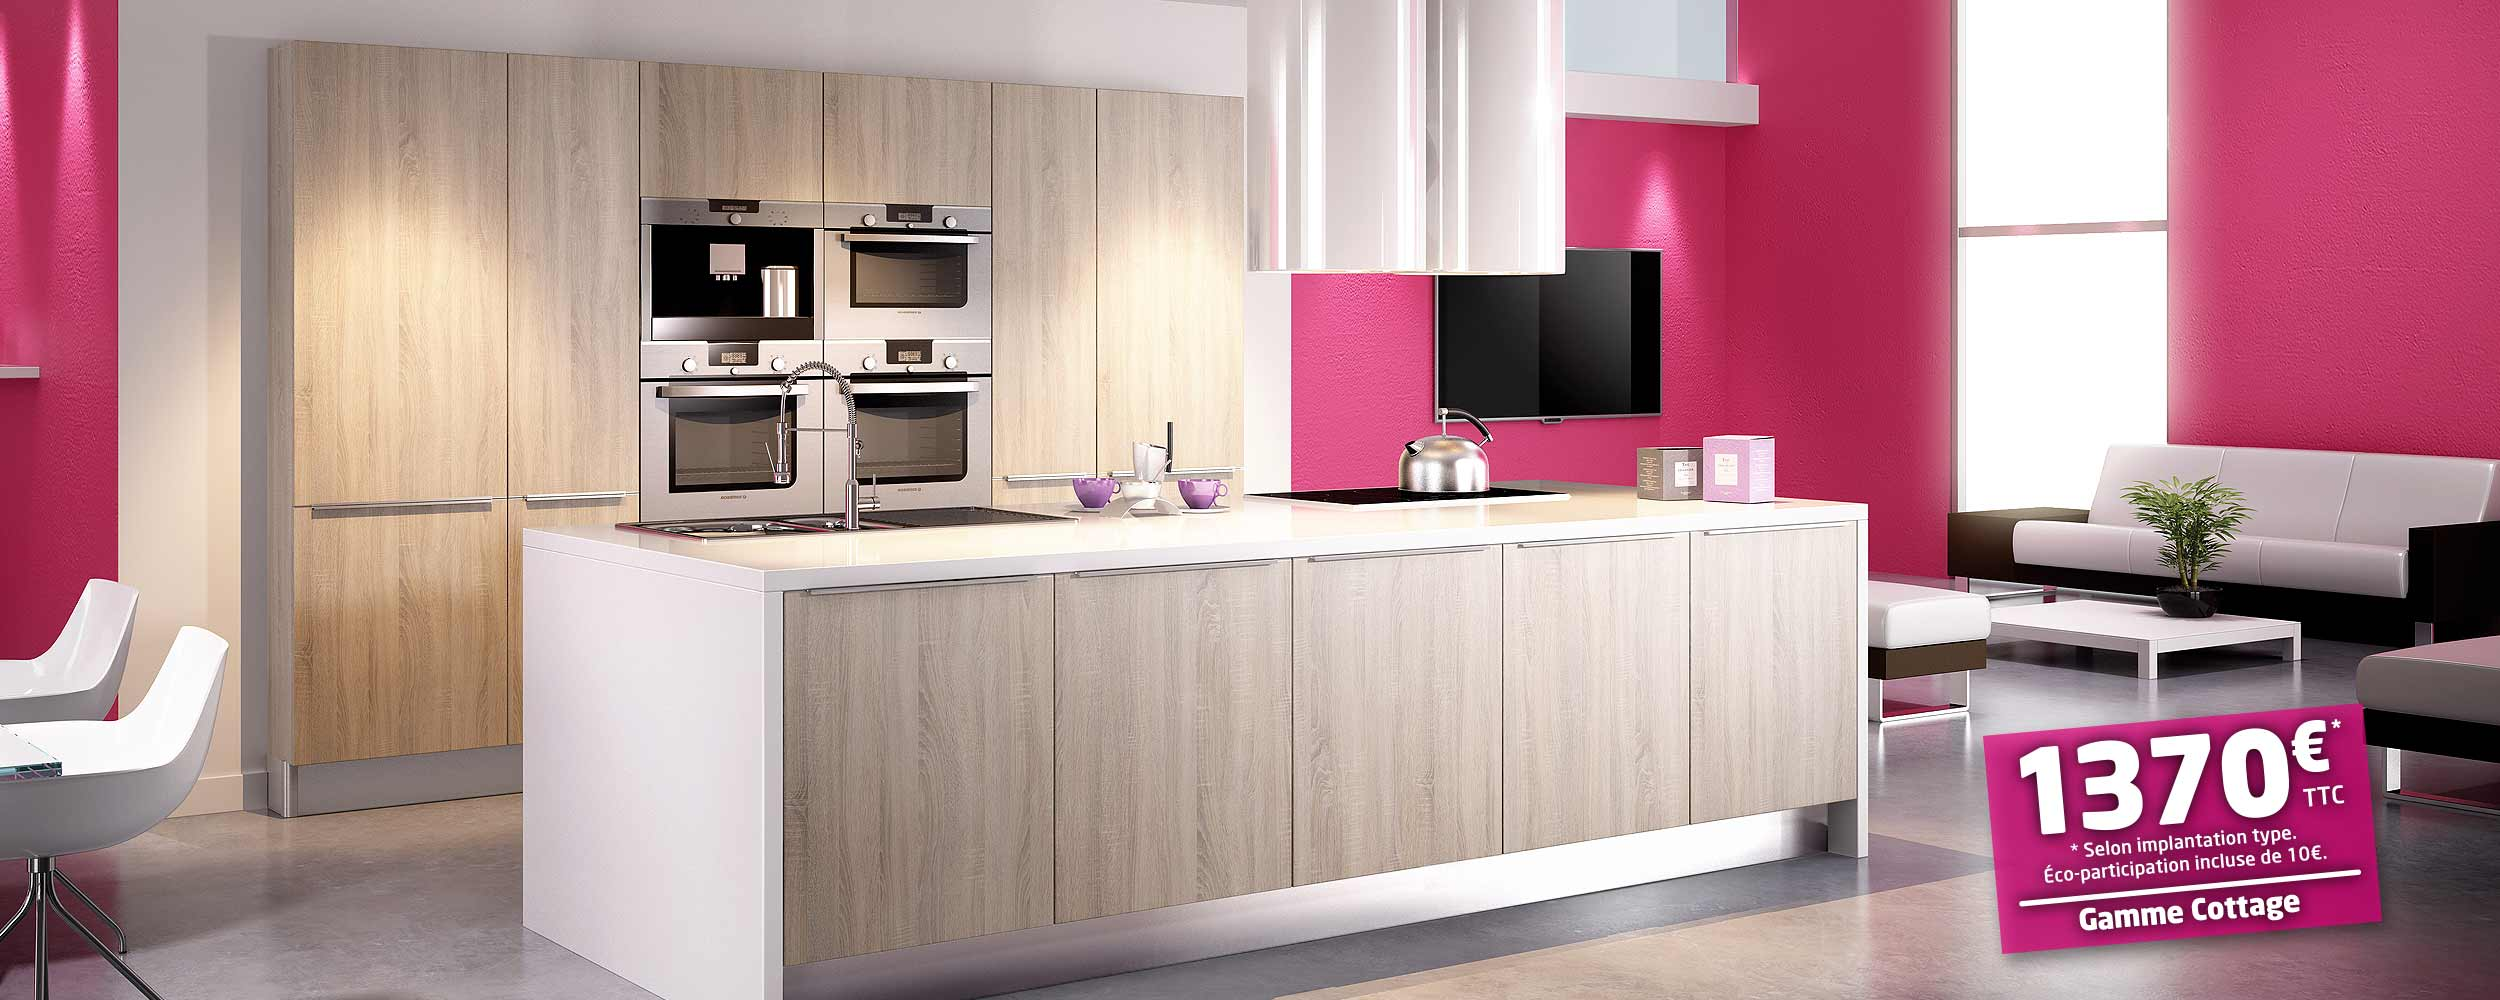 idea-cuisines-63-cottage-chene-flottant-2500x800